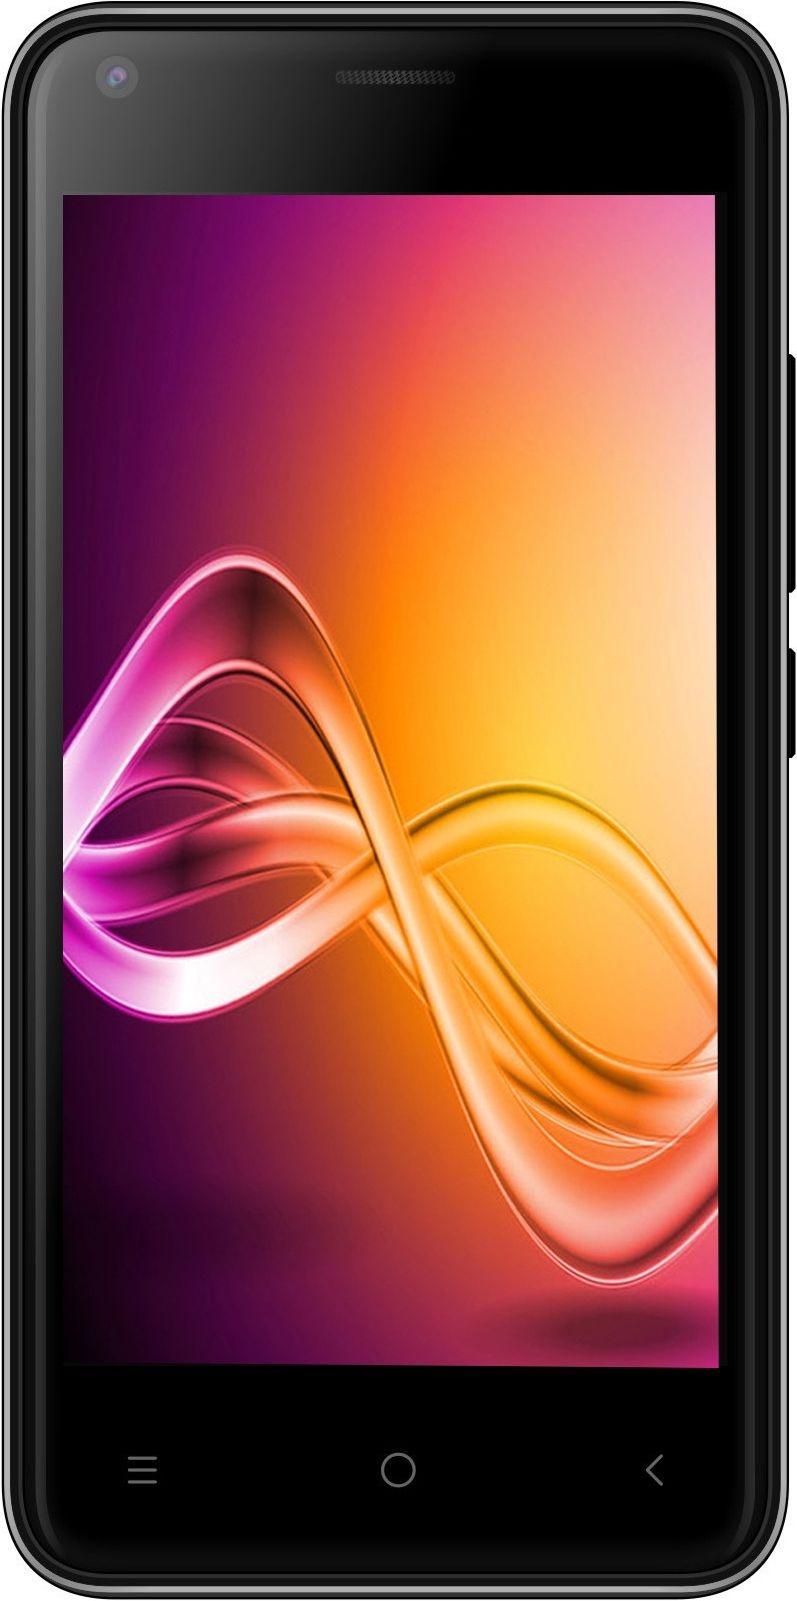 Lade kostenlos Spiele für Android für Nomi i4500 Beat M1 herunter